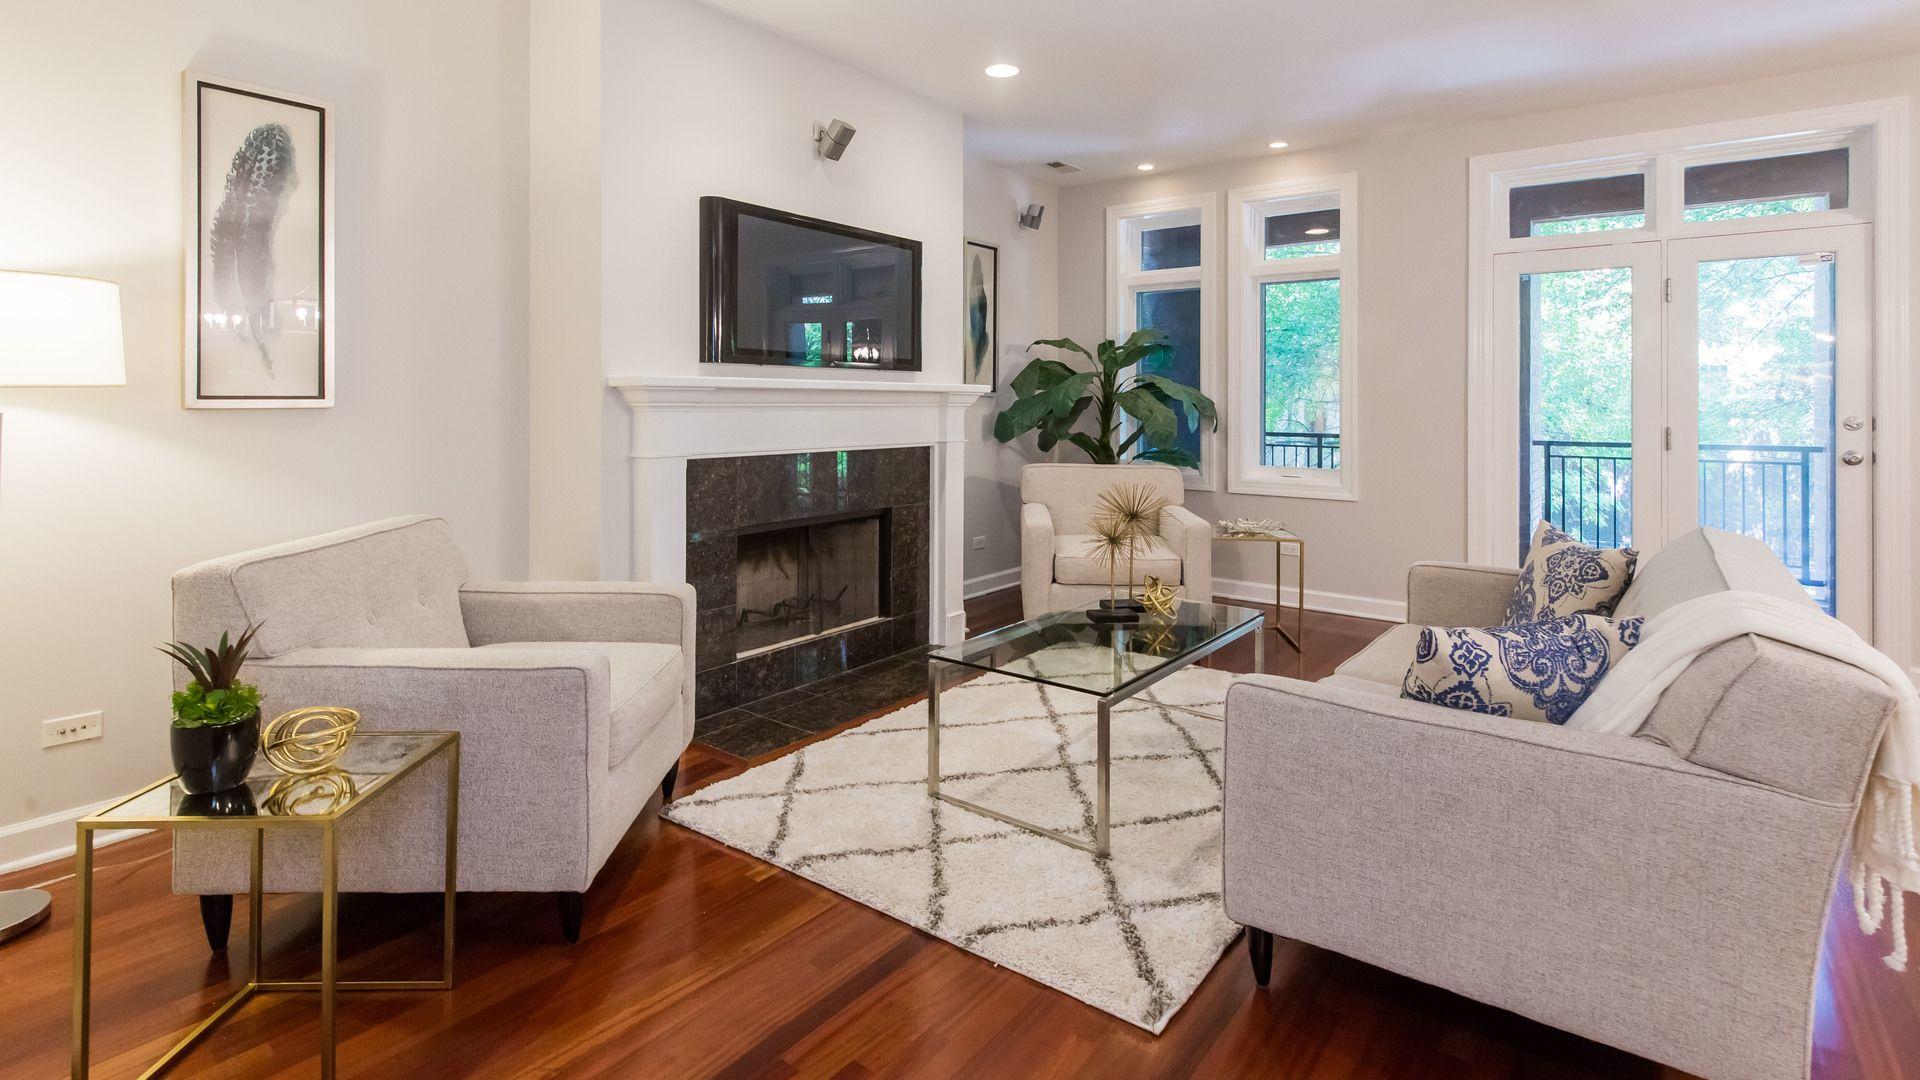 Pin By Lightology On Living Room Lighting Ideas Recessed Lighting Living Room Living Room Lighting Living Room Remodel